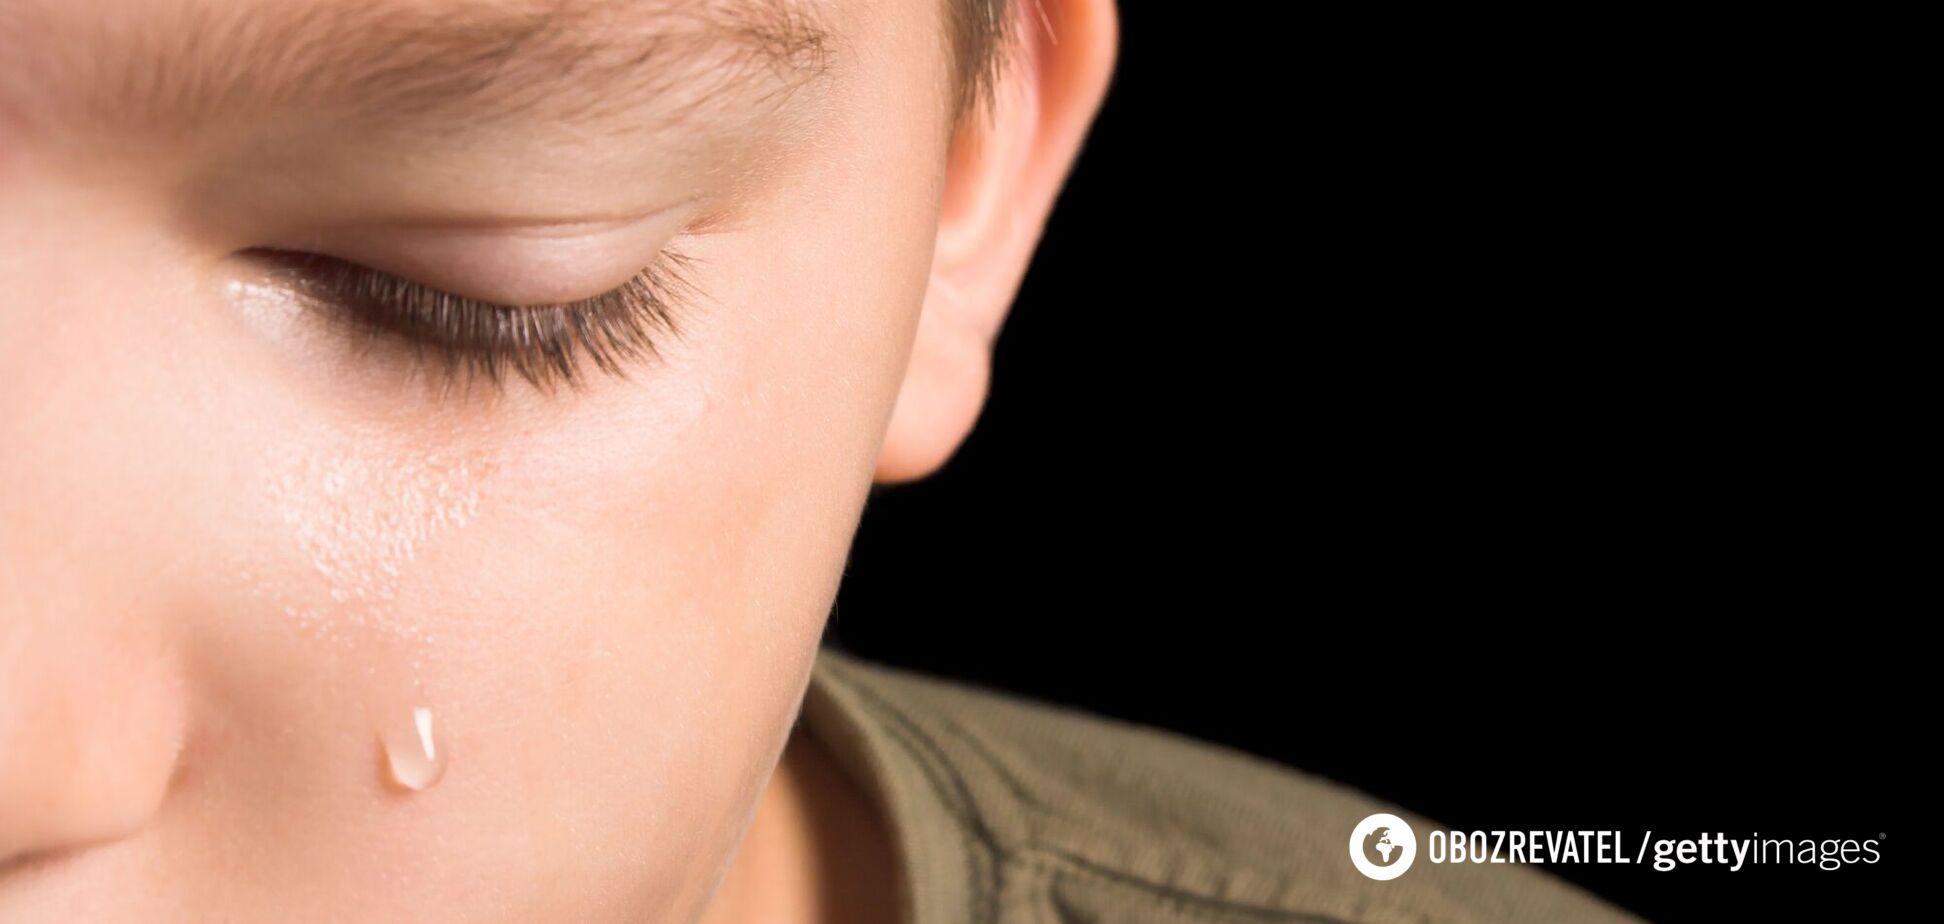 Антоний Вольский: в Италии погиб 3-летний мальчик из Украины